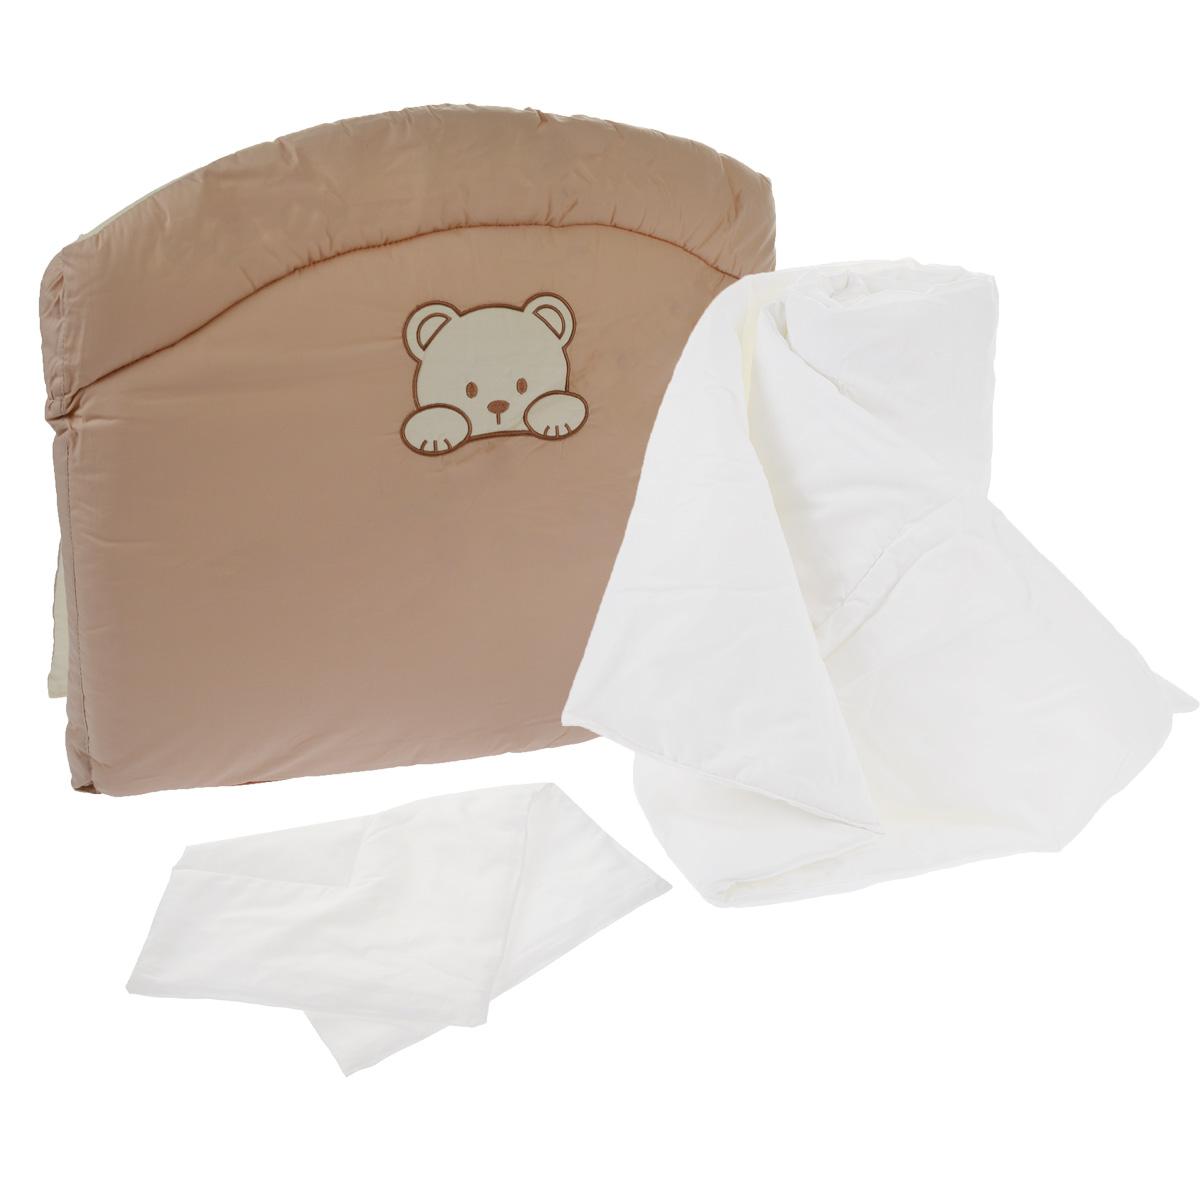 Комплект в кроватку Fairy, цвет: бежевый, белый, 3 предмета. 5590-025590-02Комплект в кроватку Fairy прекрасно подойдет для кроватки вашегомалыша, добавит комнате уюта и согреет в прохладные дни. В качествематериала верха использован натуральный хлопок и лен. Мягкая ткань нераздражает чувствительную и нежную кожу ребенка и хорошо вентилируется. Бортик наполнен синтепоном, а подушка и одеяло - холлофайбером. Изделияс холлофайбером хорошо защищены от проникновения пылевых клещей иотличаются особой упругостью и одновременно мягкостью, чтобы подаритьвашему ребенку комфорт и хороший сон.Очень важно, чтобы ваш малыш хорошо спал - это залог его здоровья, а значитвашего спокойствия. Комплект Fairy идеально подойдет для кроваткивашего малыша. На нем ваш кроха будет спать здоровым и крепким сном. Комплектация: - борт (185 см х 54 см);- плоская подушка (40 см х 60 см); - одеяло (110 см х 140 см).